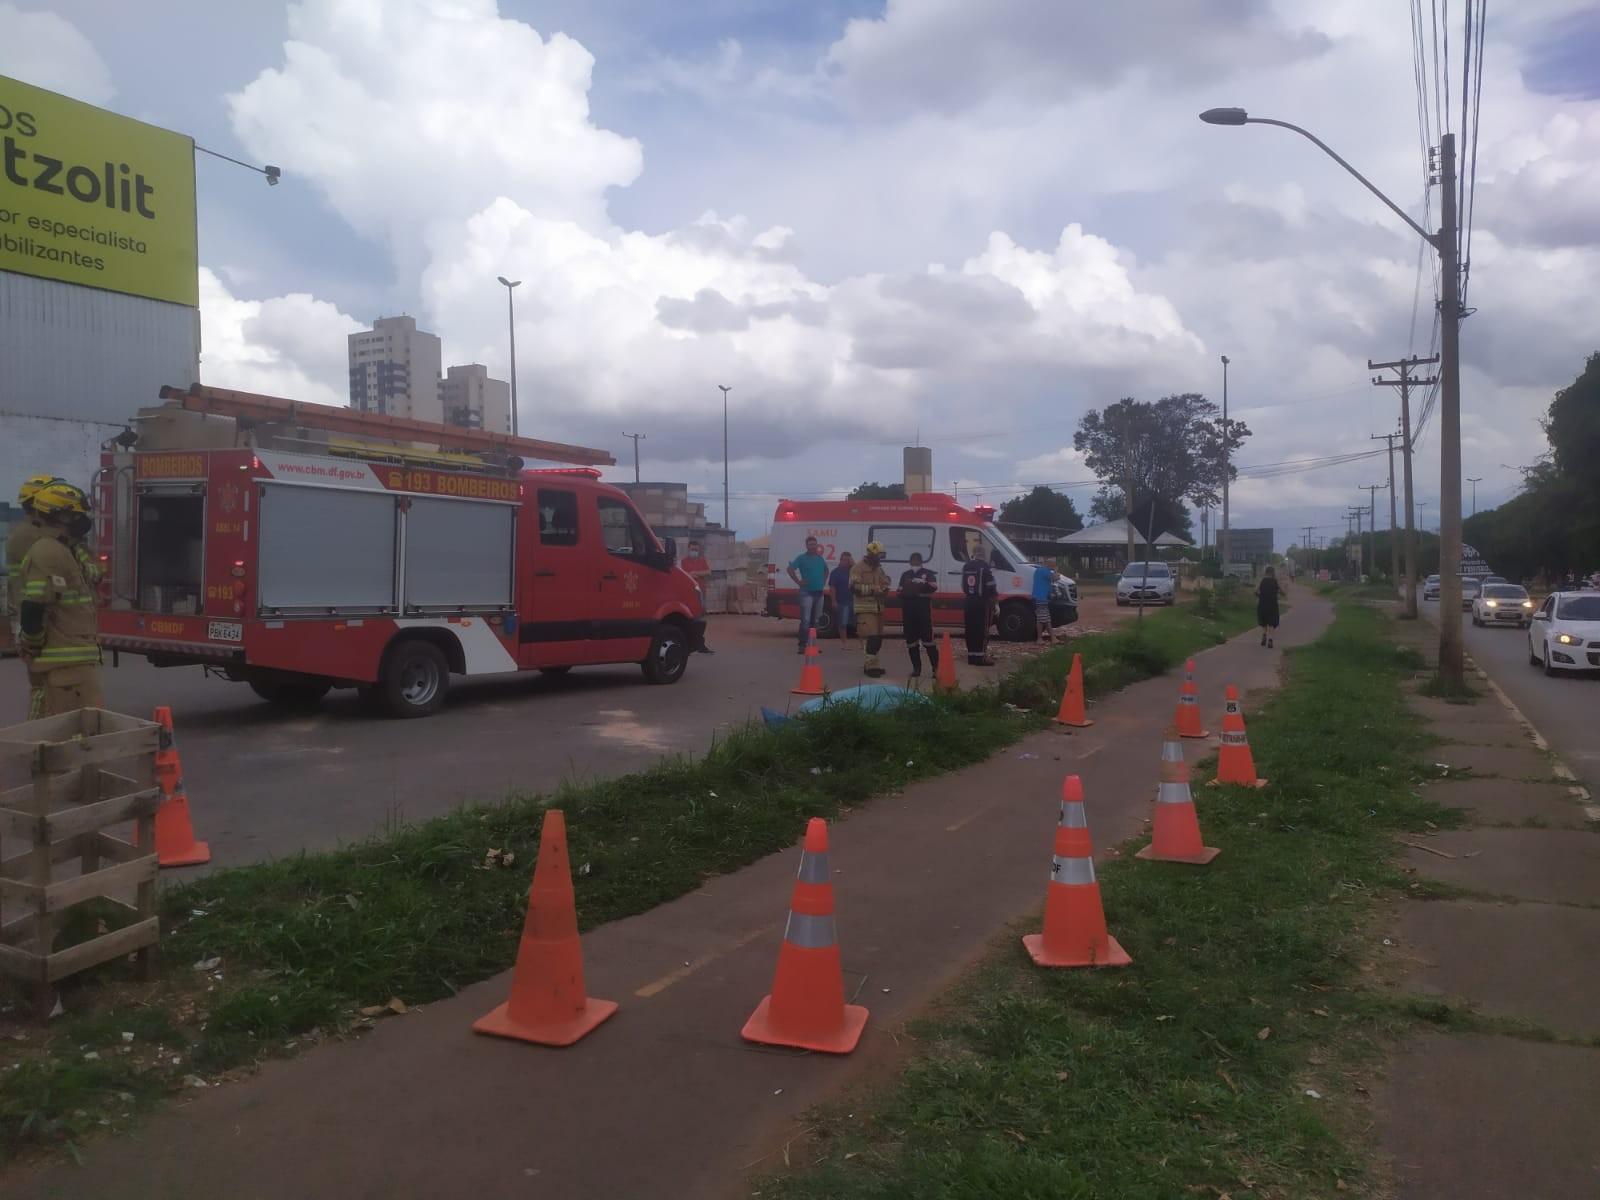 Homem morre atropelado pelo próprio carro durante conserto do veículo, no DF